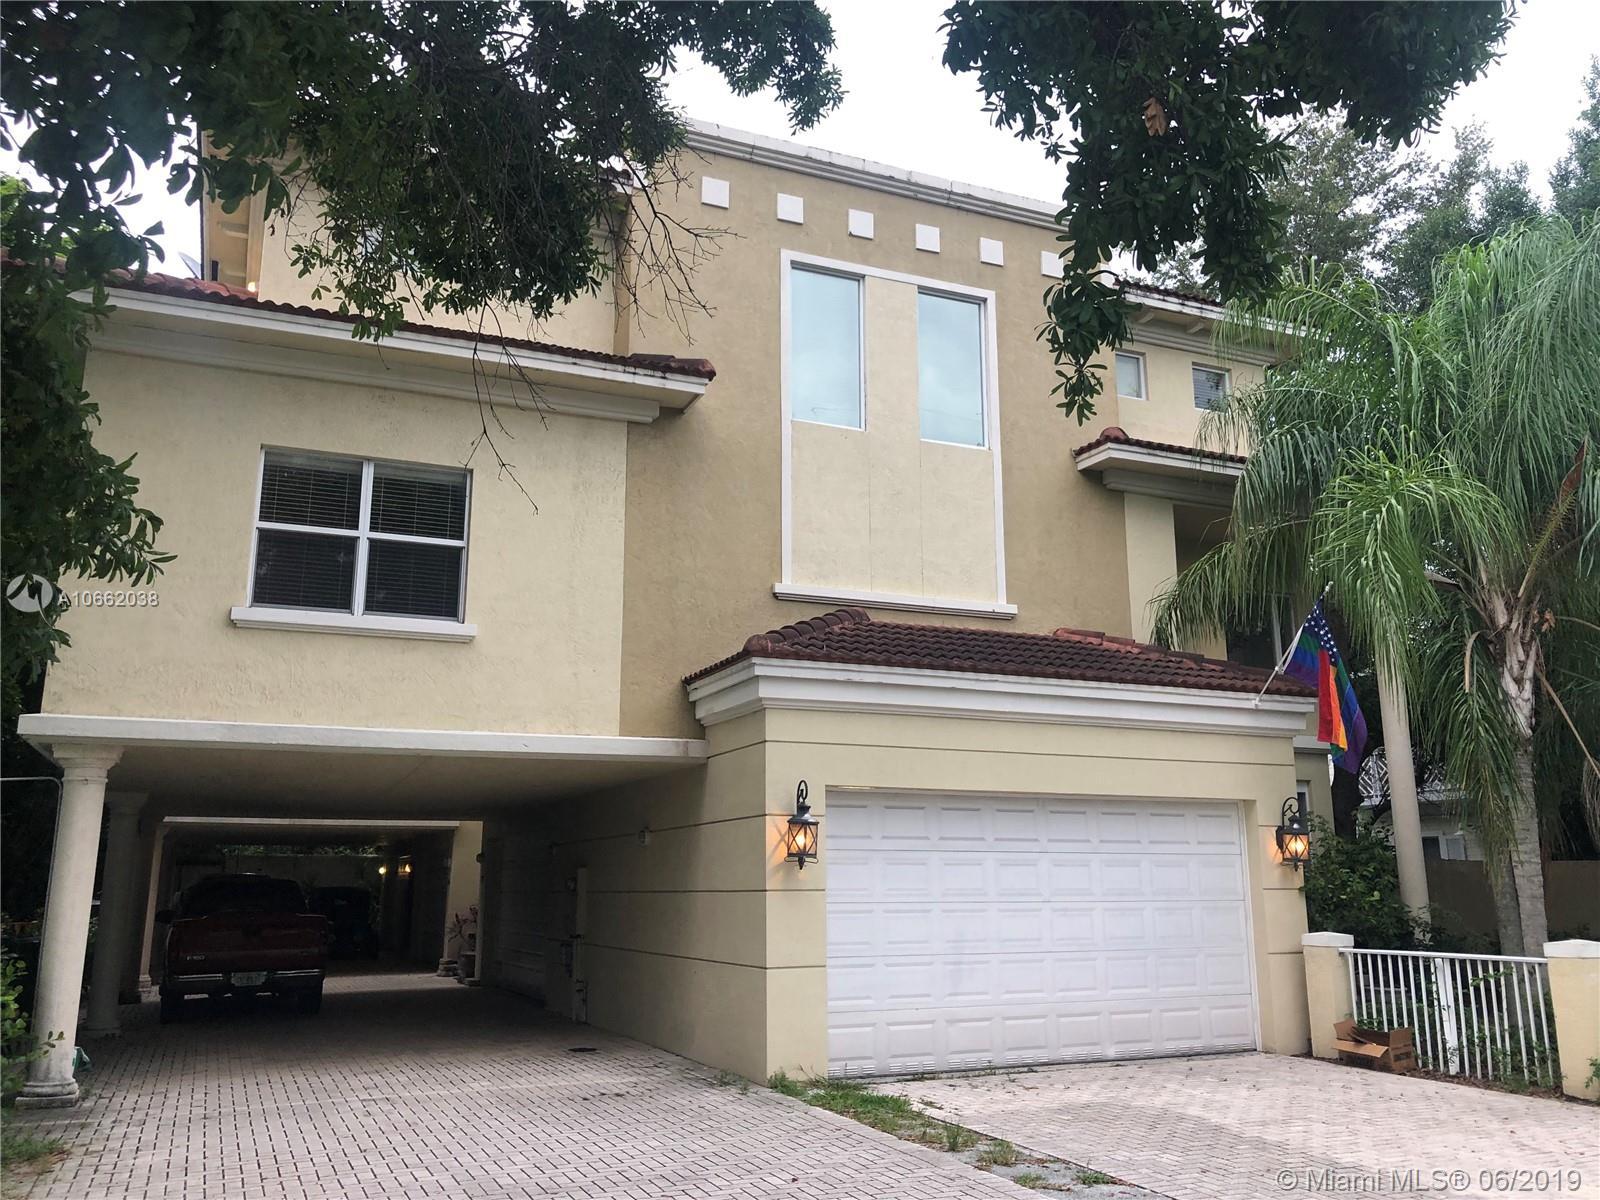 1746 N Dixie Hwy, Fort Lauderdale, FL 33305